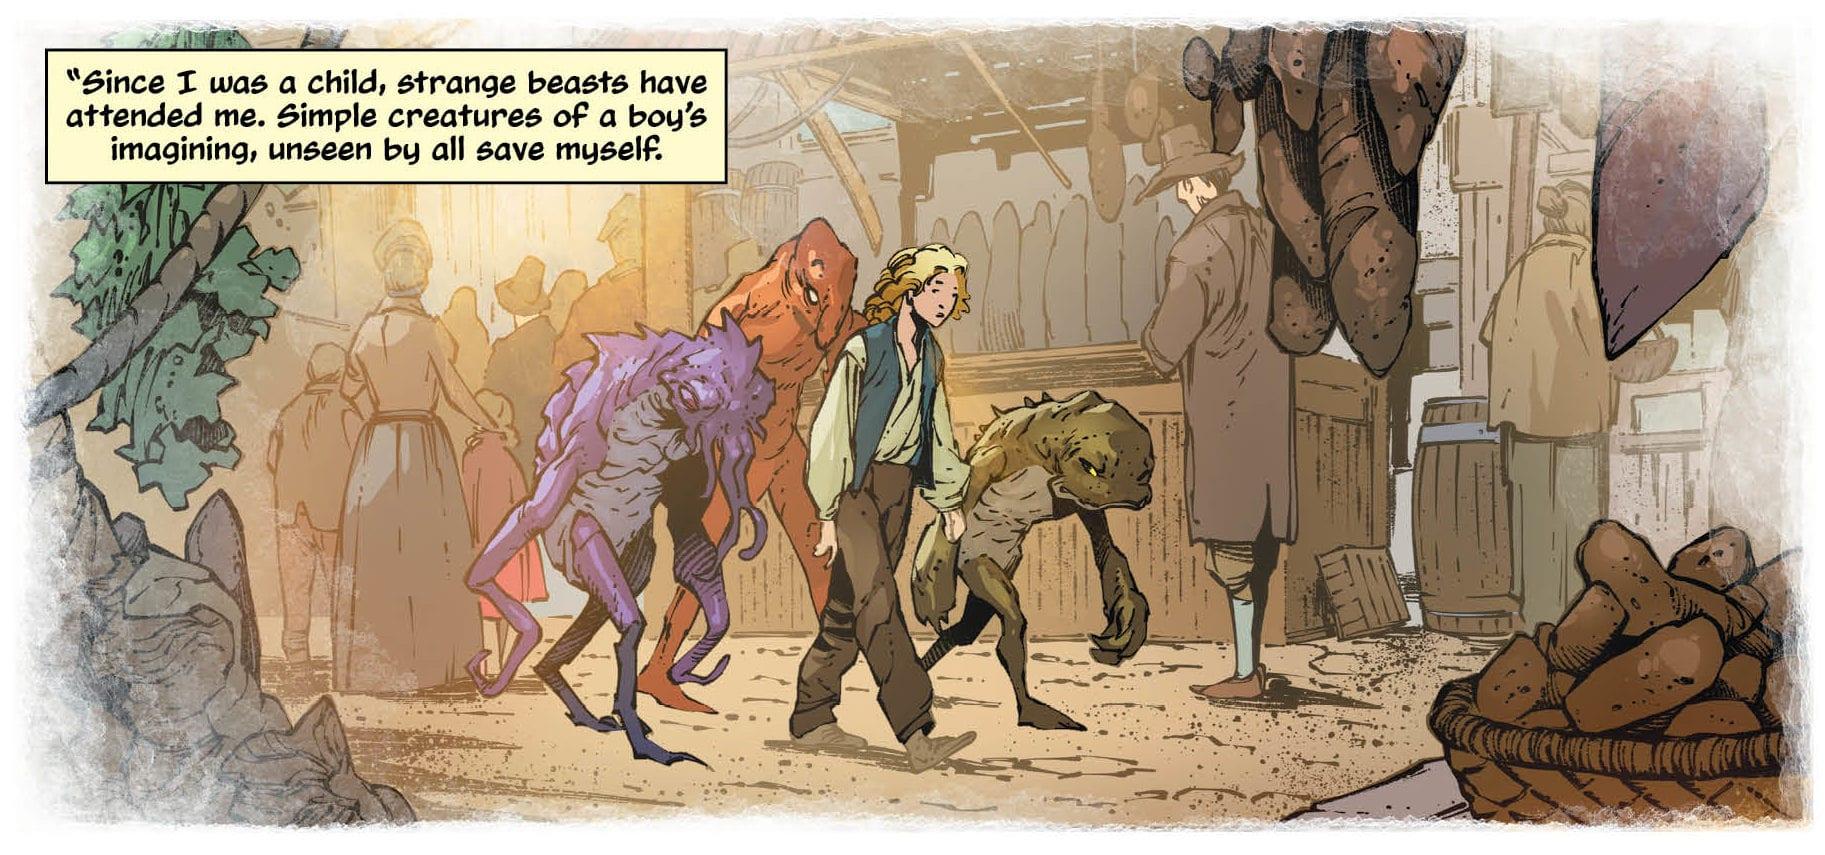 Maurer imagines beasts as a boy